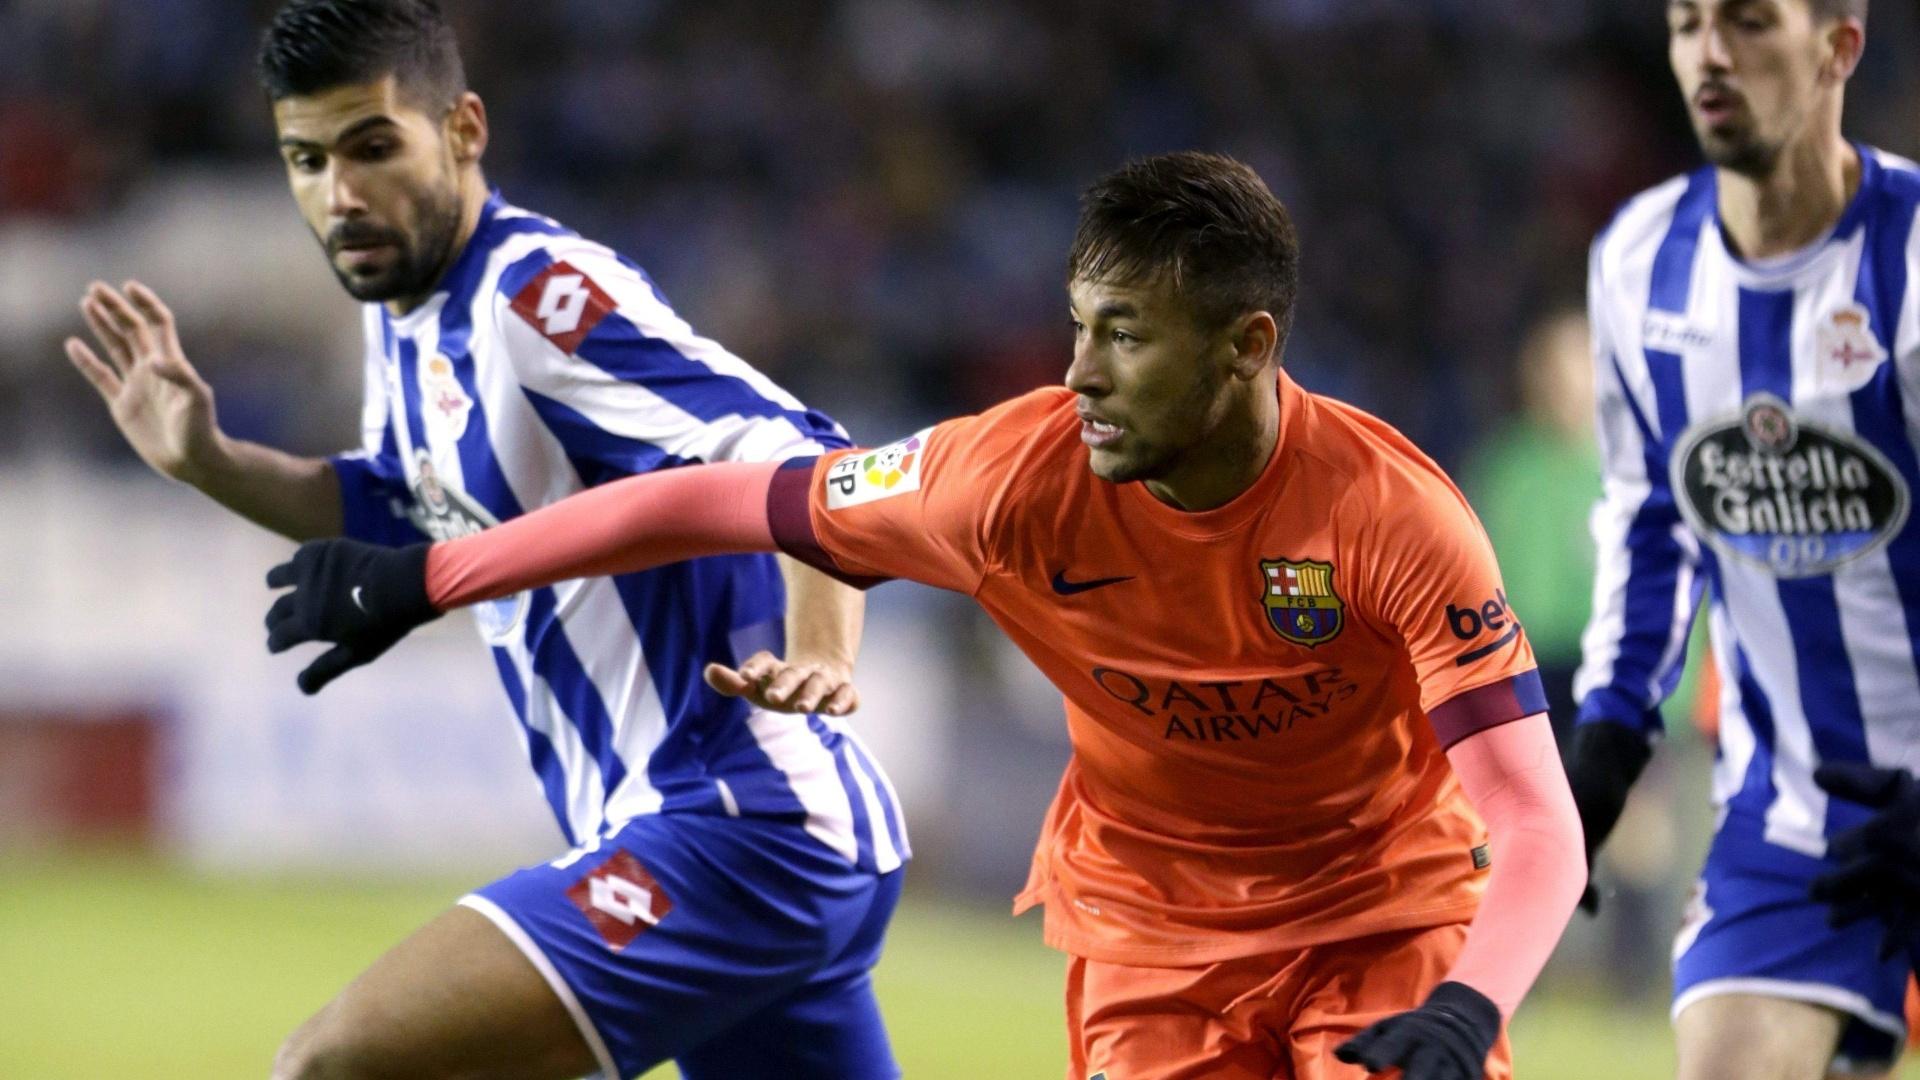 Neymar tenta escapar da marcação do Deportivo La Coruña em partida do Barcelona no Campeonato Espanhol